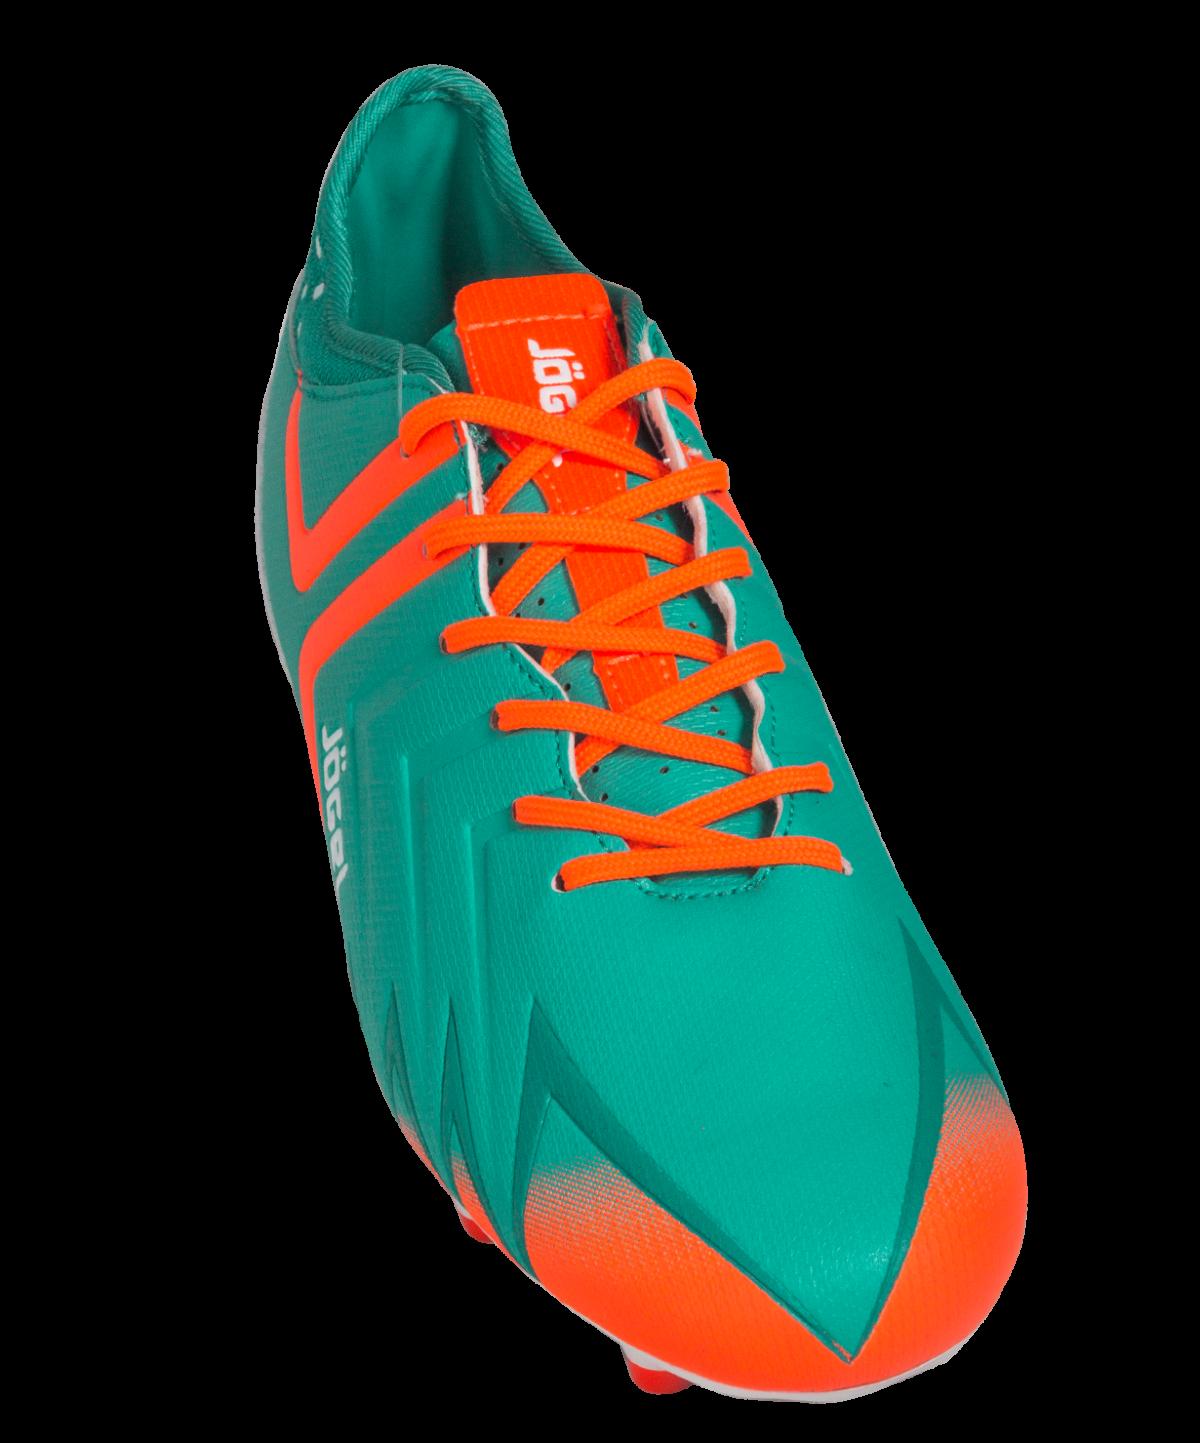 JOGEL Бутсы футбольные Forza  JSH1003: мятный - 4